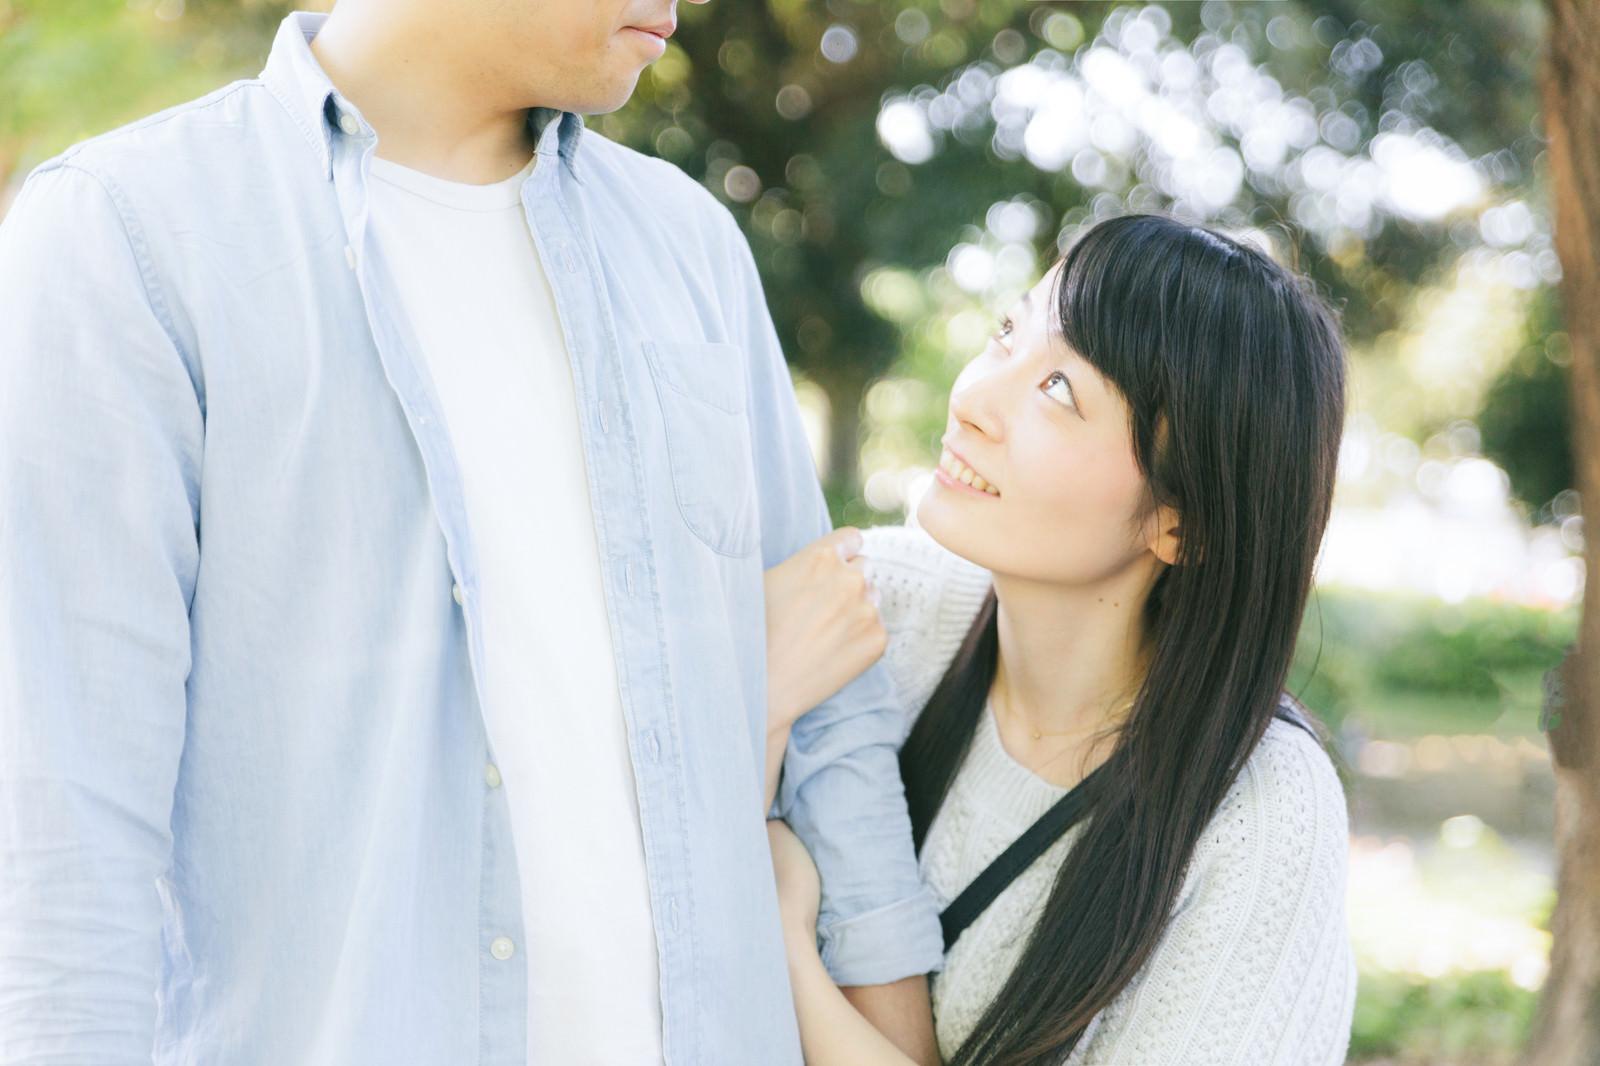 「大好きな彼の腕を掴むも顔色をうかがっちゃう彼女大好きな彼の腕を掴むも顔色をうかがっちゃう彼女」のフリー写真素材を拡大